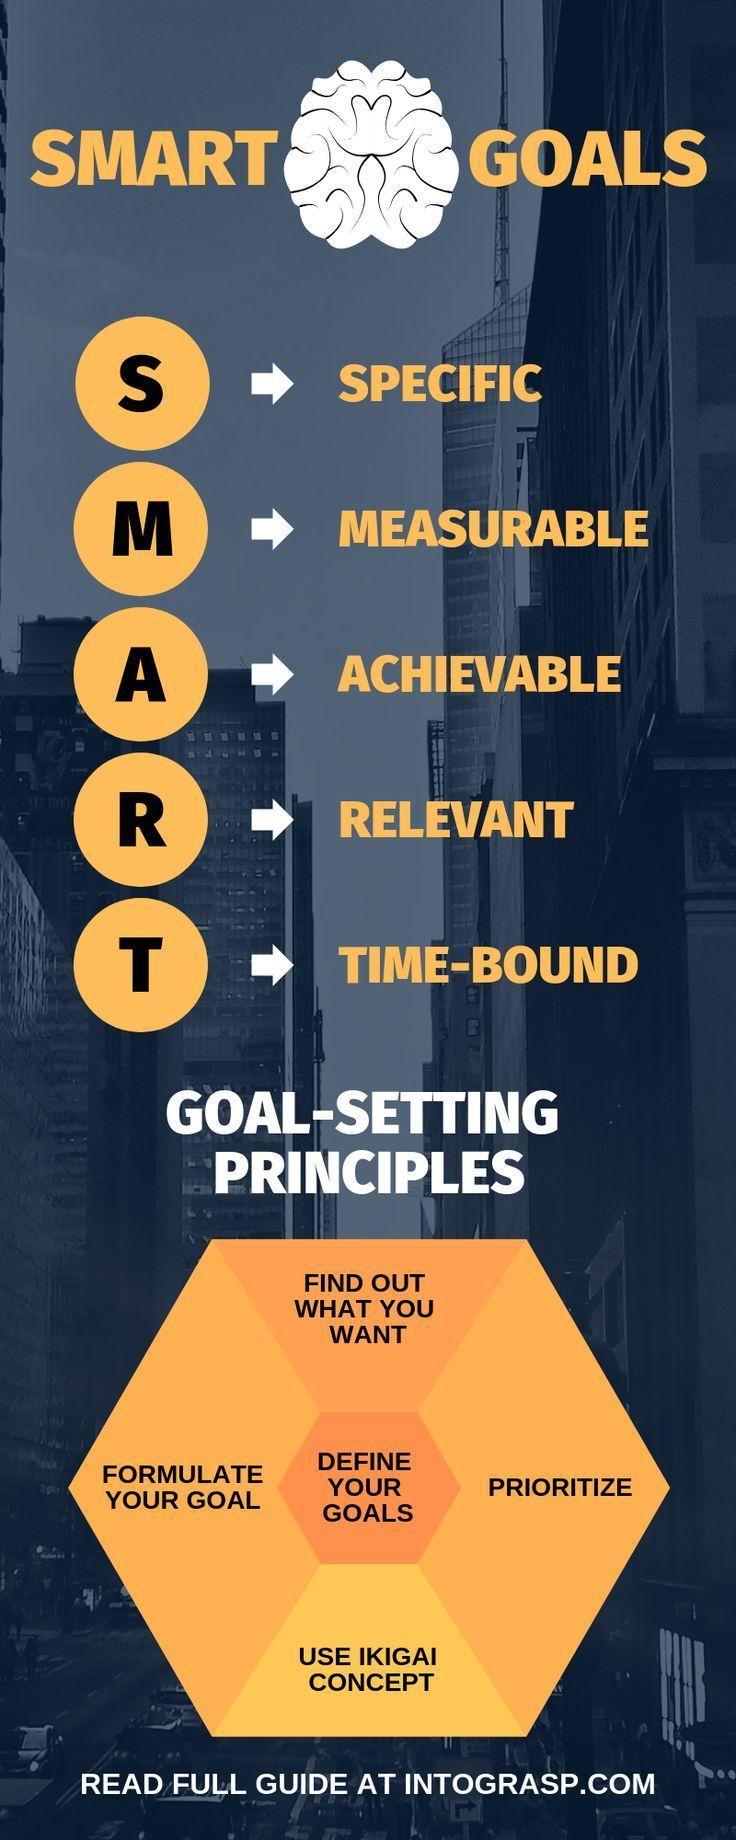 In unserem vollständigen Leitfaden finden Sie alles über SMART Goals und erfah… – Worksheet